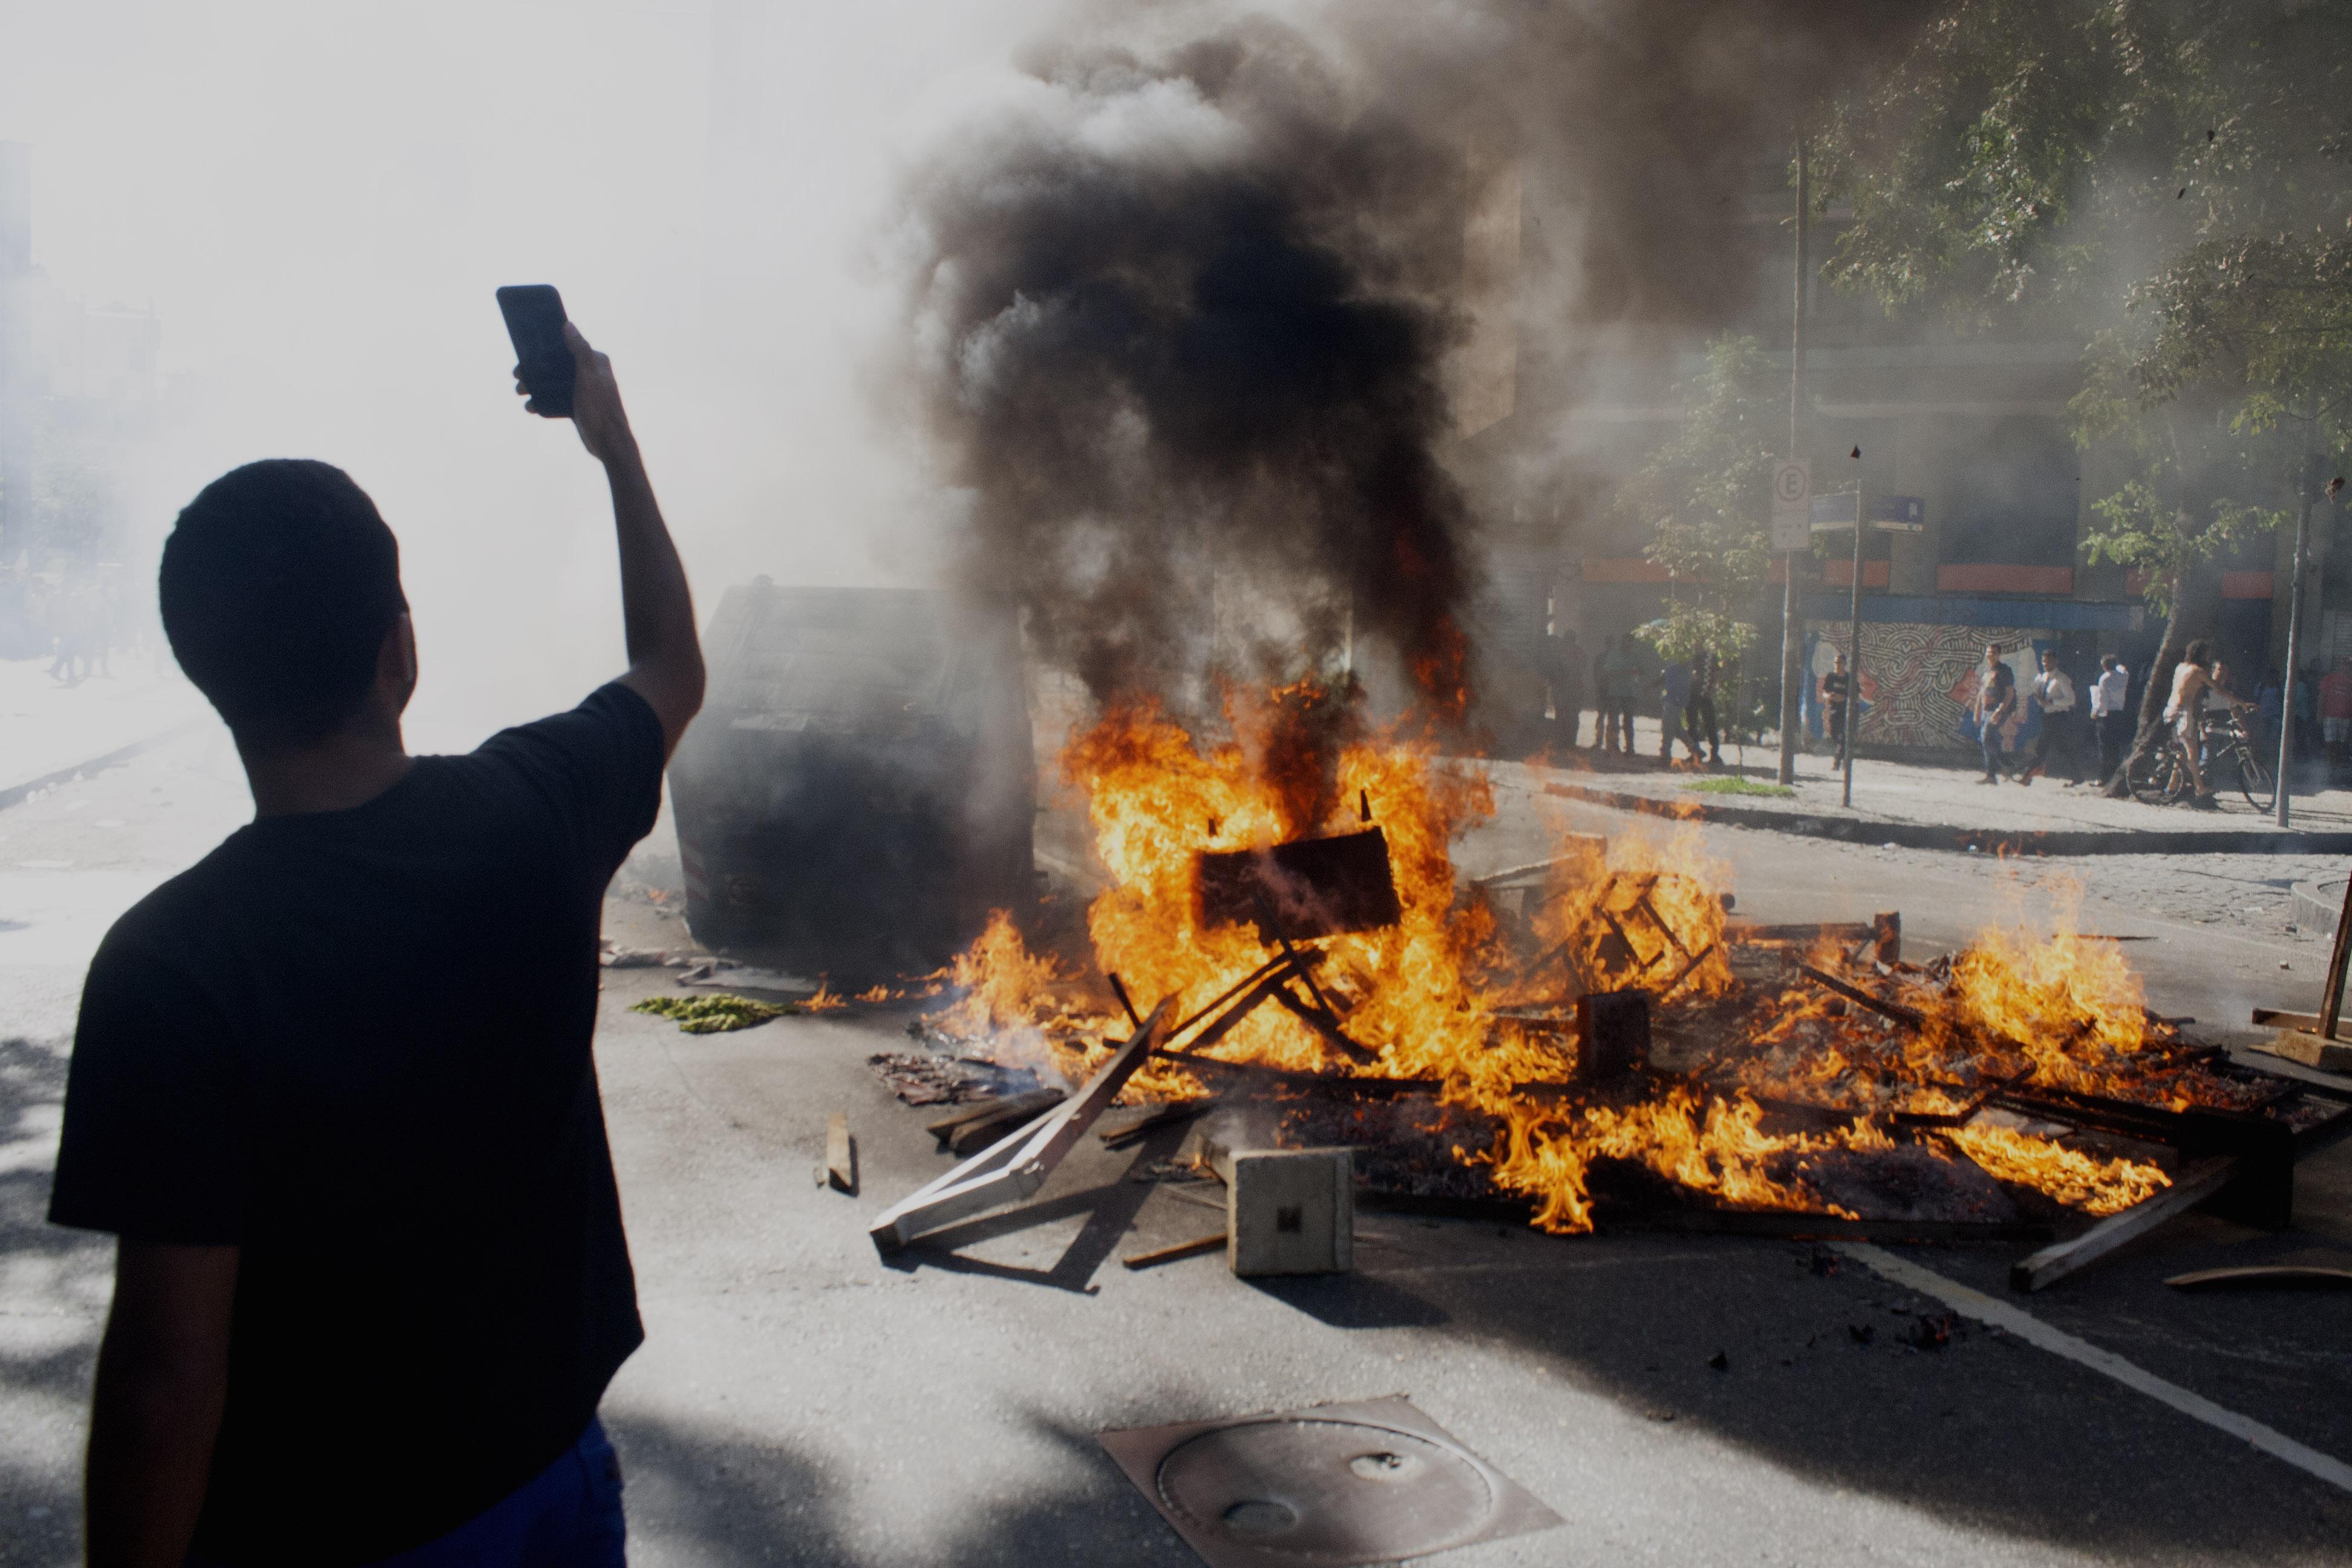 protesto-dos-servidores-no-rio-de-janeiro-11